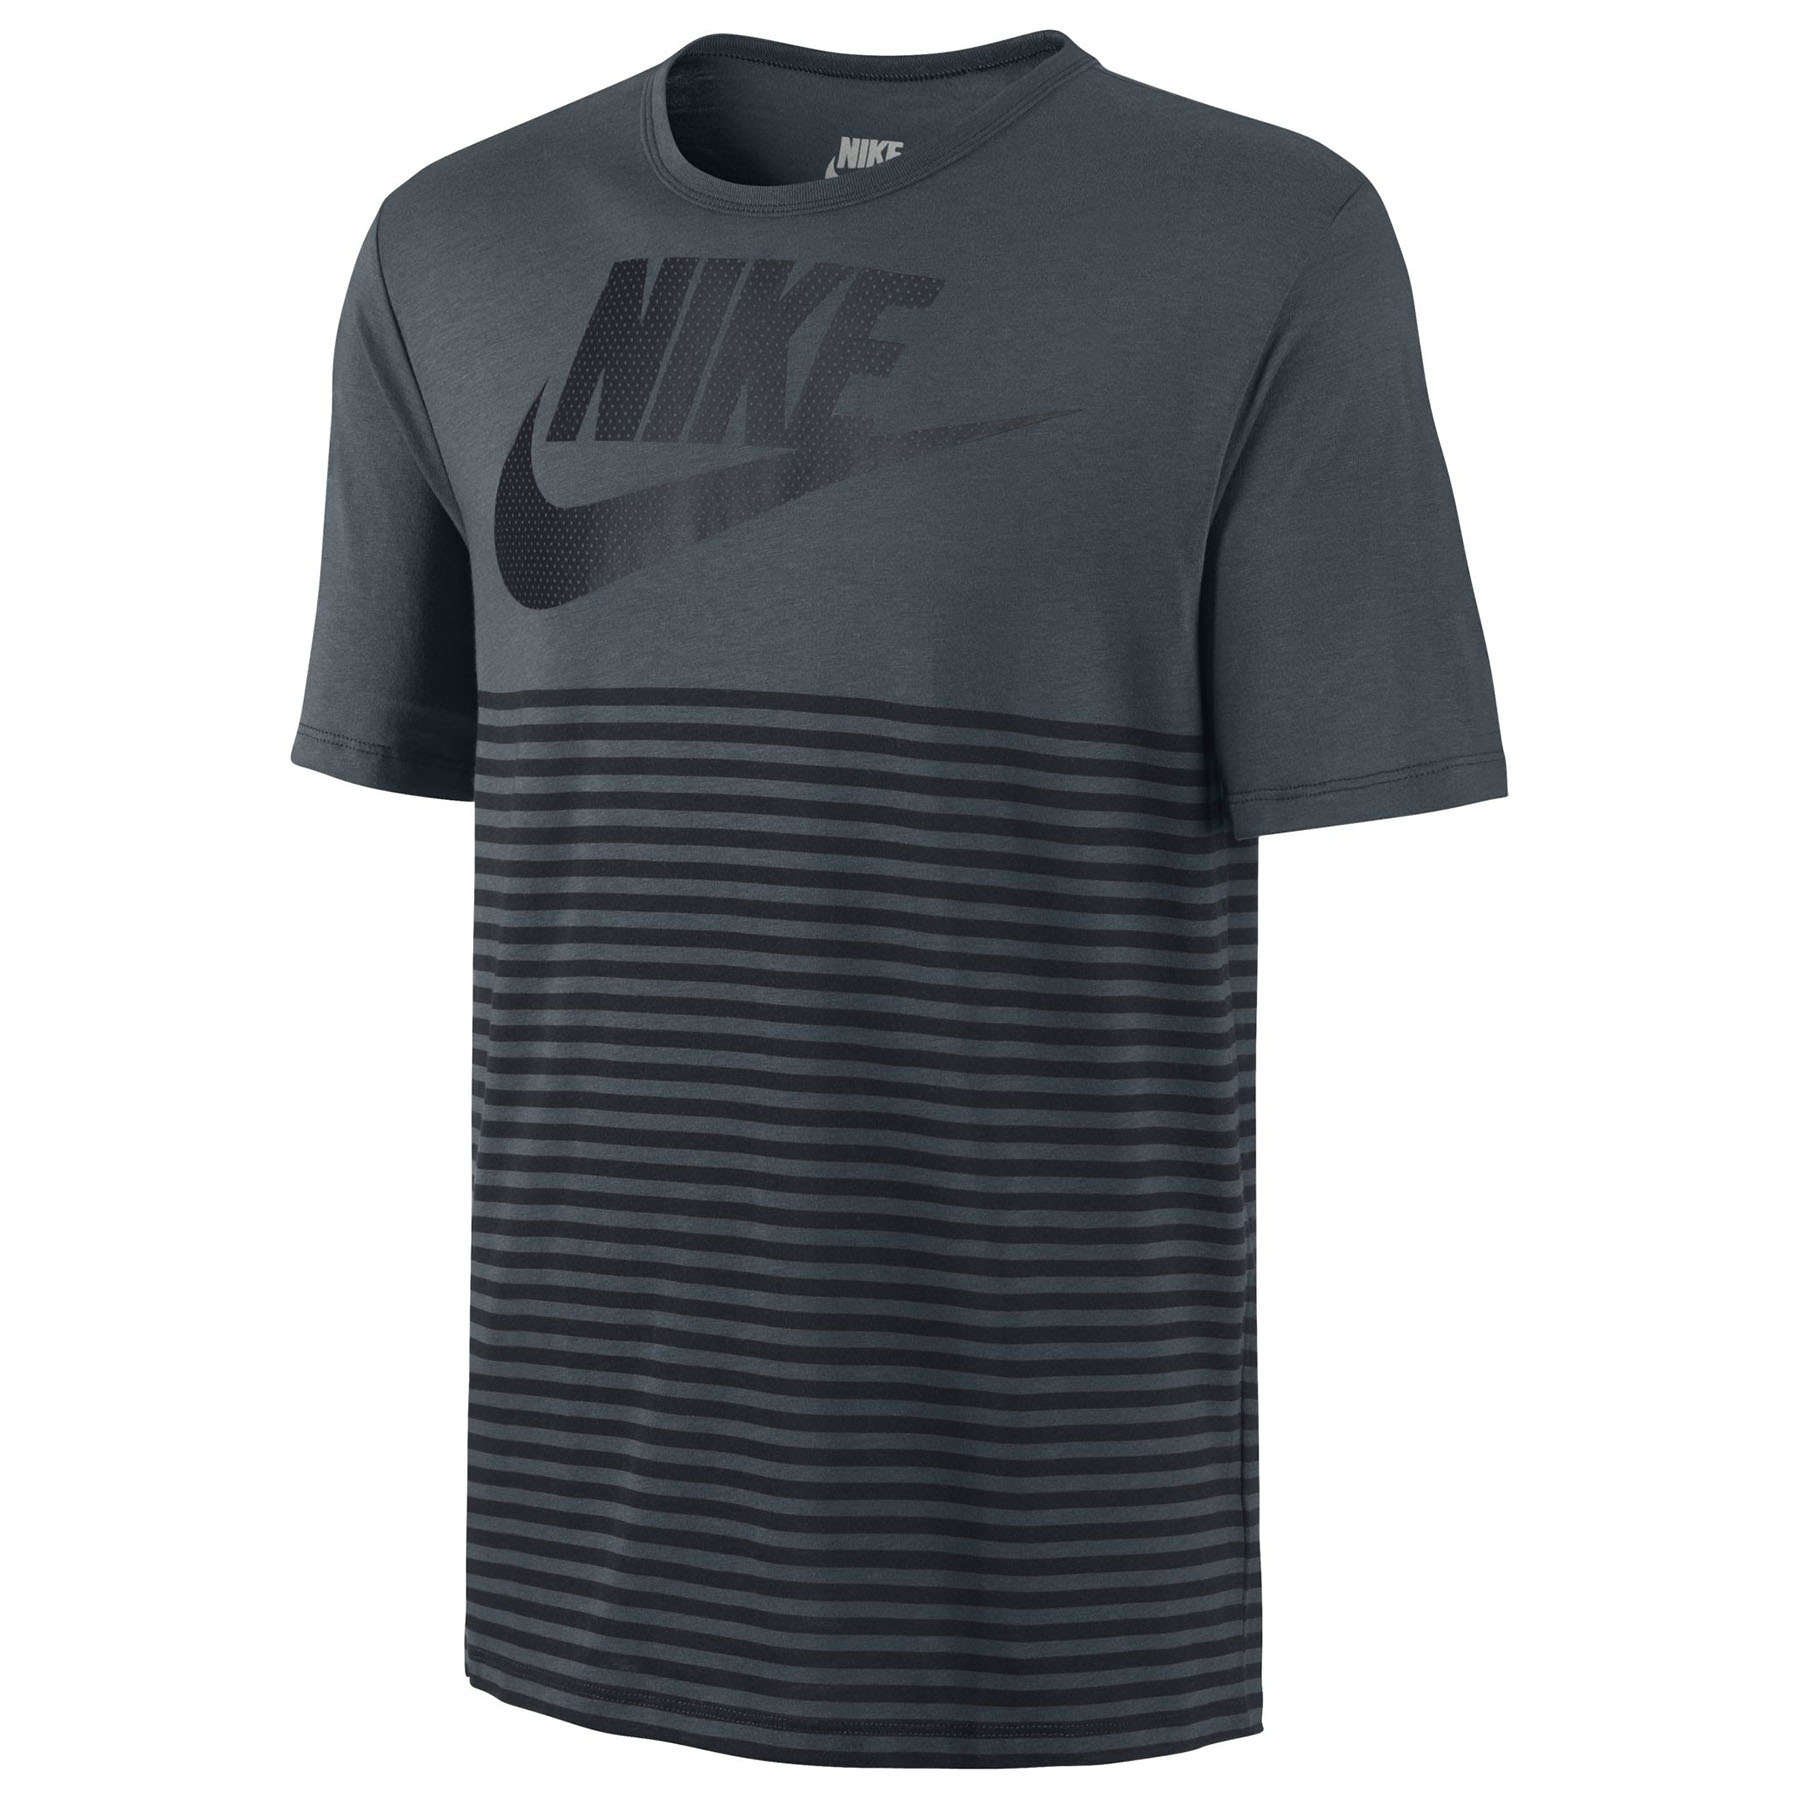 Nike Mesh Stripe TShirt Dk Grey